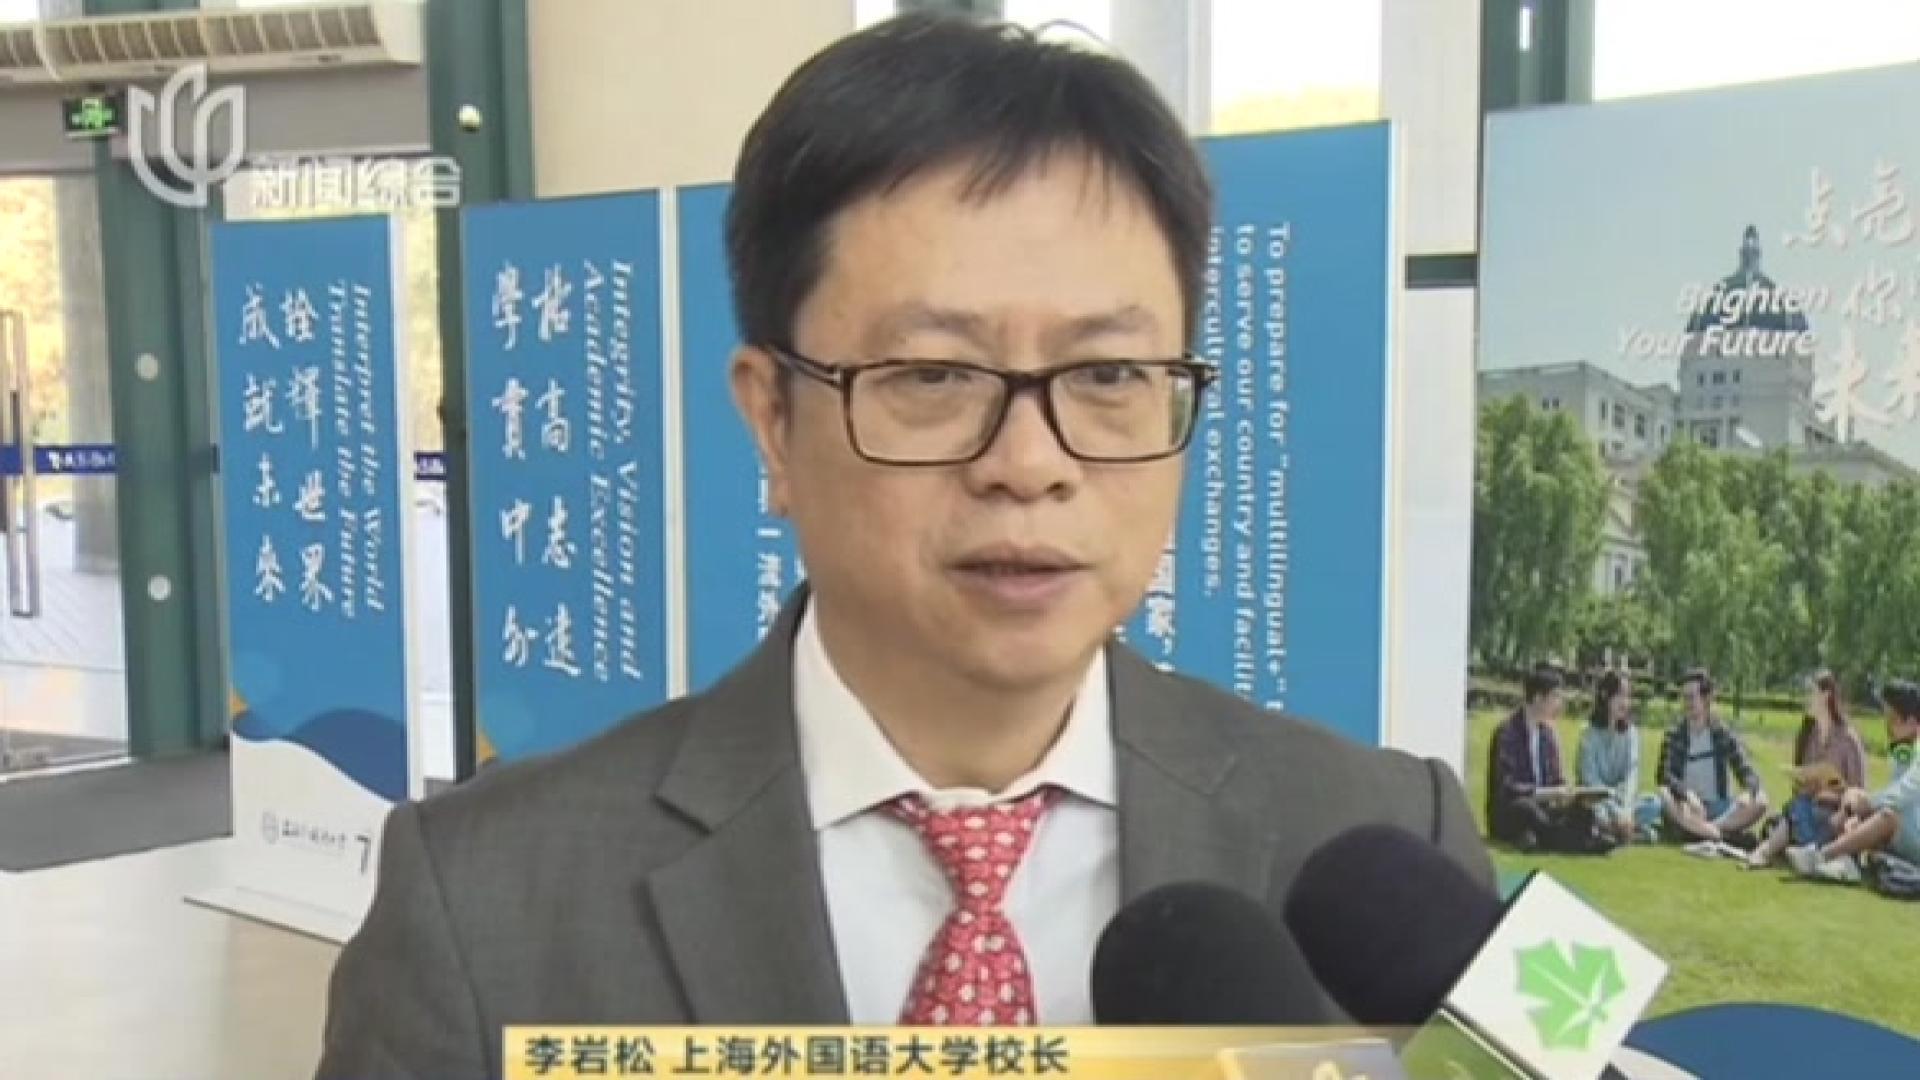 上外70周年校庆:培育数十万国际化专业人才  构建中国的全球话语